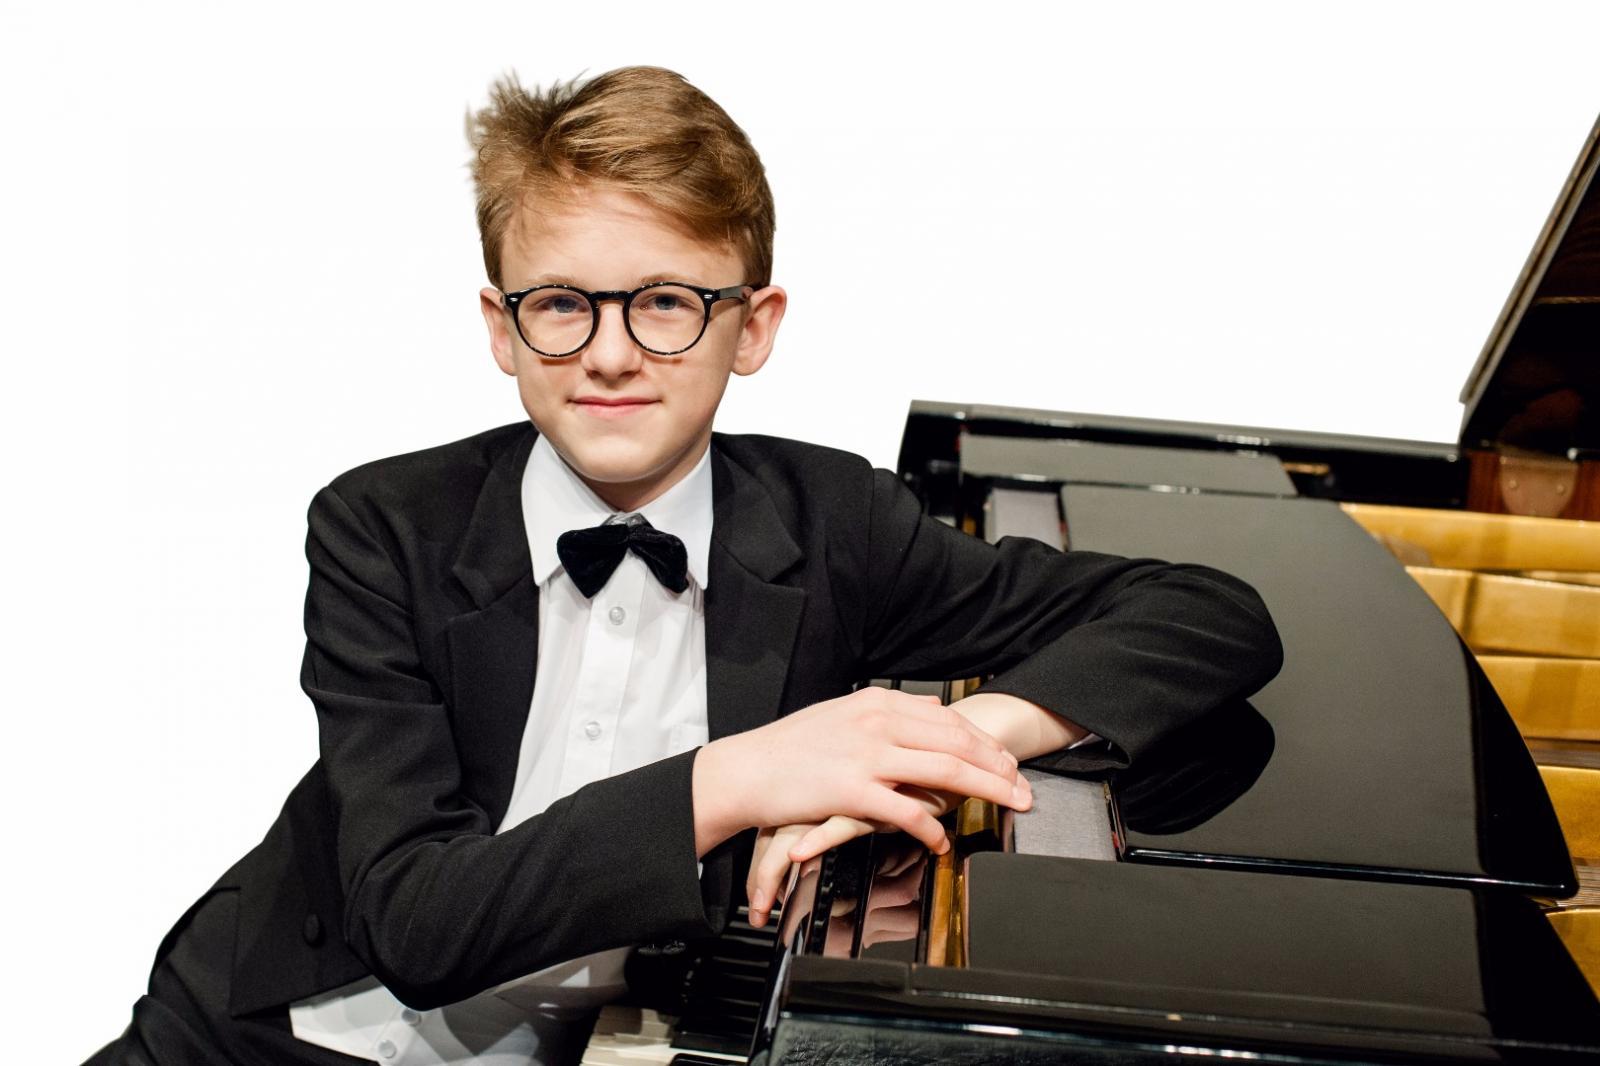 Klavírista Jan Čmejla se stal vítězem rozhlasové soutěže Concertino Praga 2019